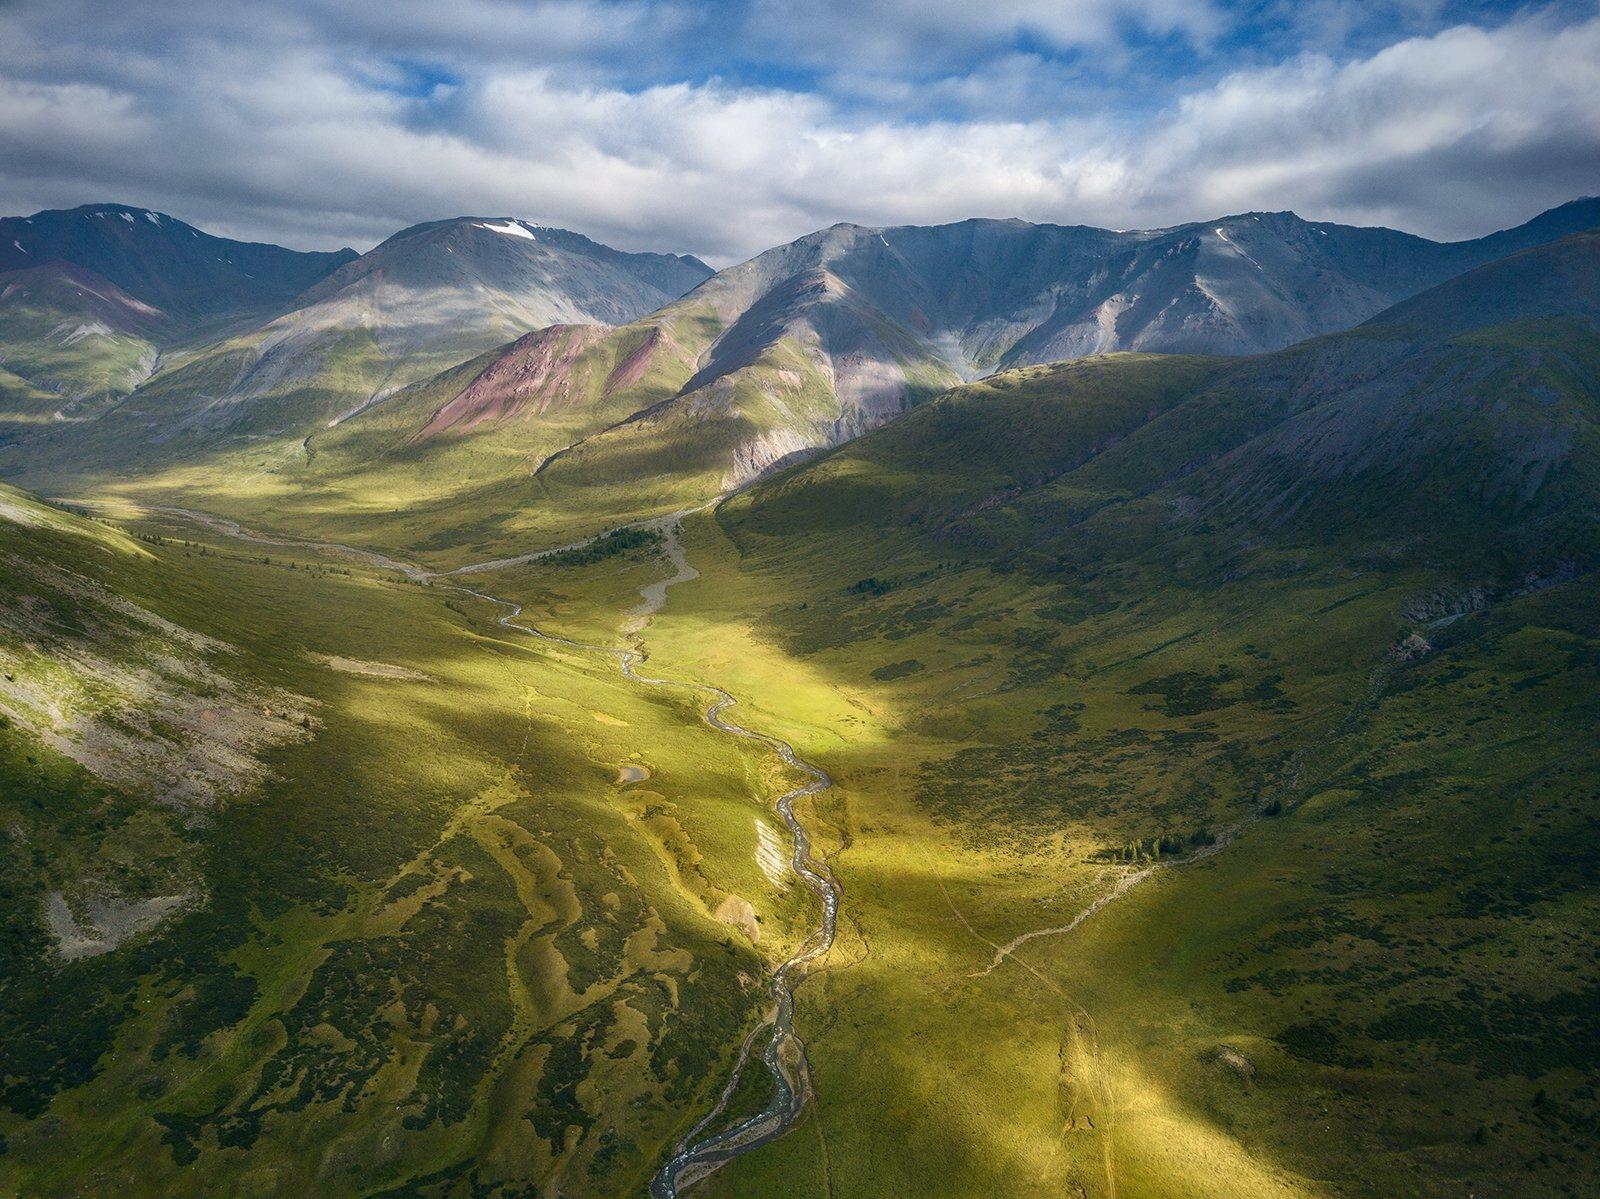 пейзаж, природа, ущелье, горы, высота, полет, дрон, квадрокоптер, река, тара, дара, южно, чуйский, хребет, алтай, сибирь, поход, путешествие, пятна, солнечные, большой, высокий, облака, далекий, Антипов Дмитрий